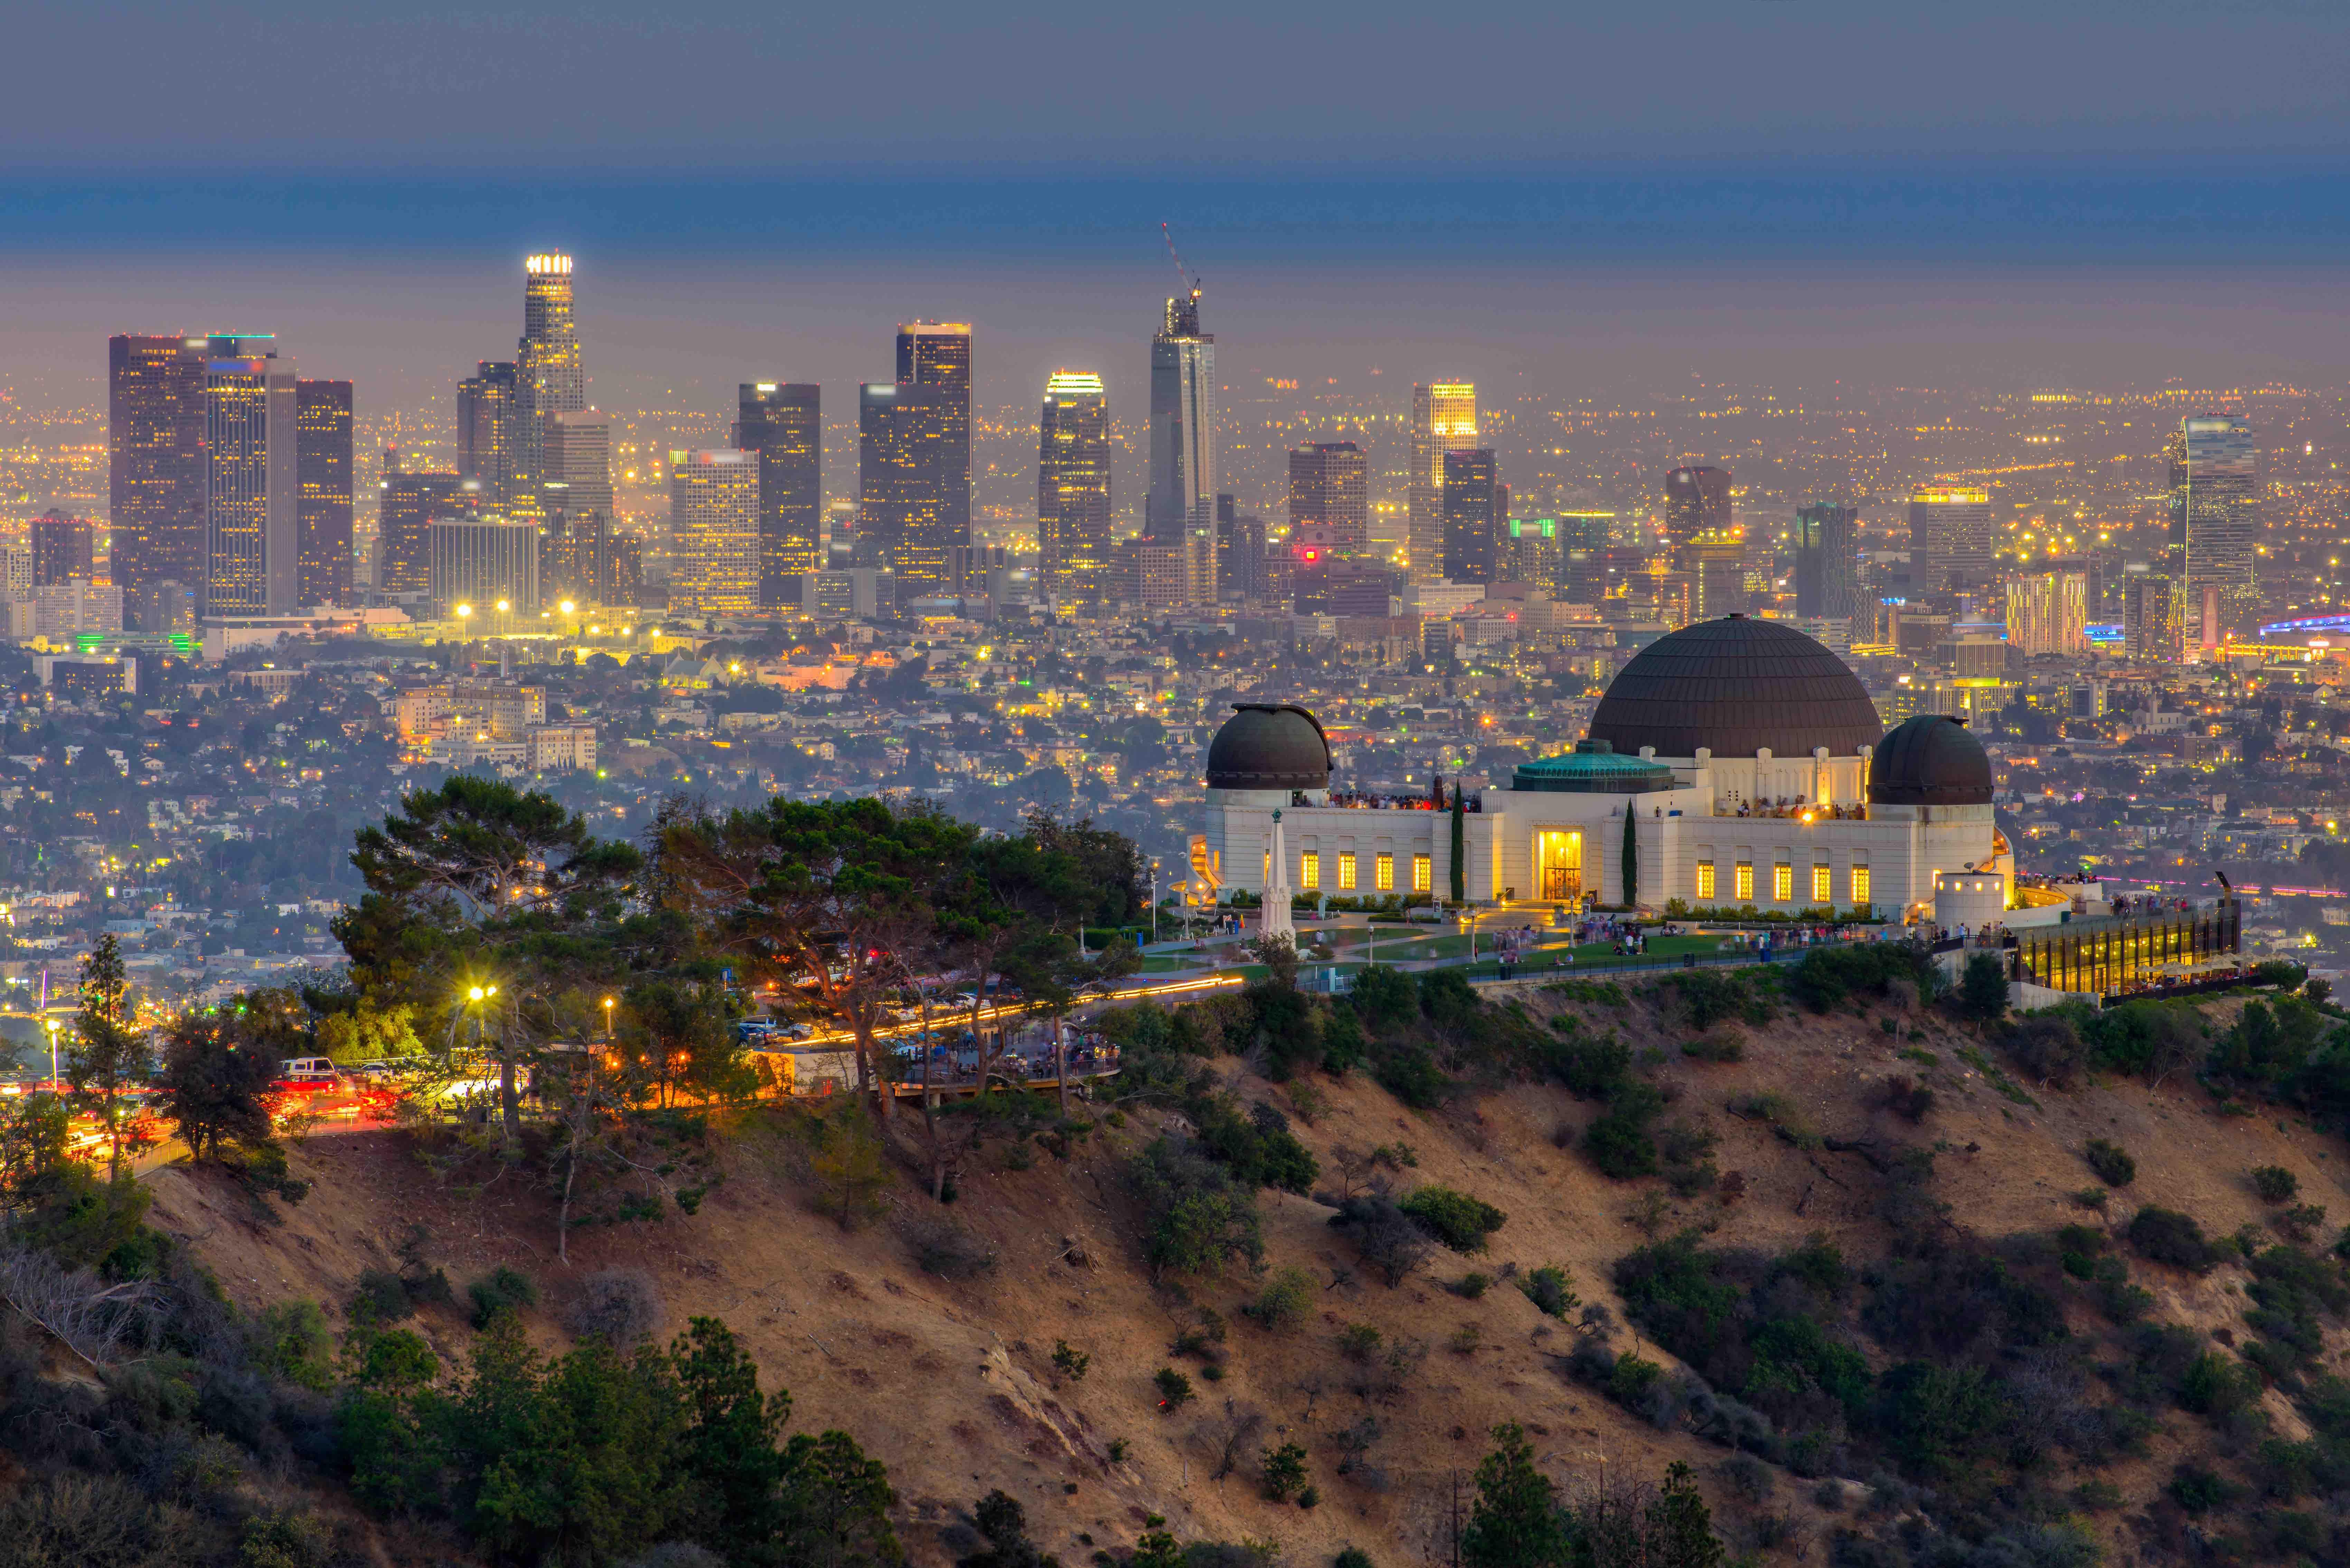 Depart Los Angeles